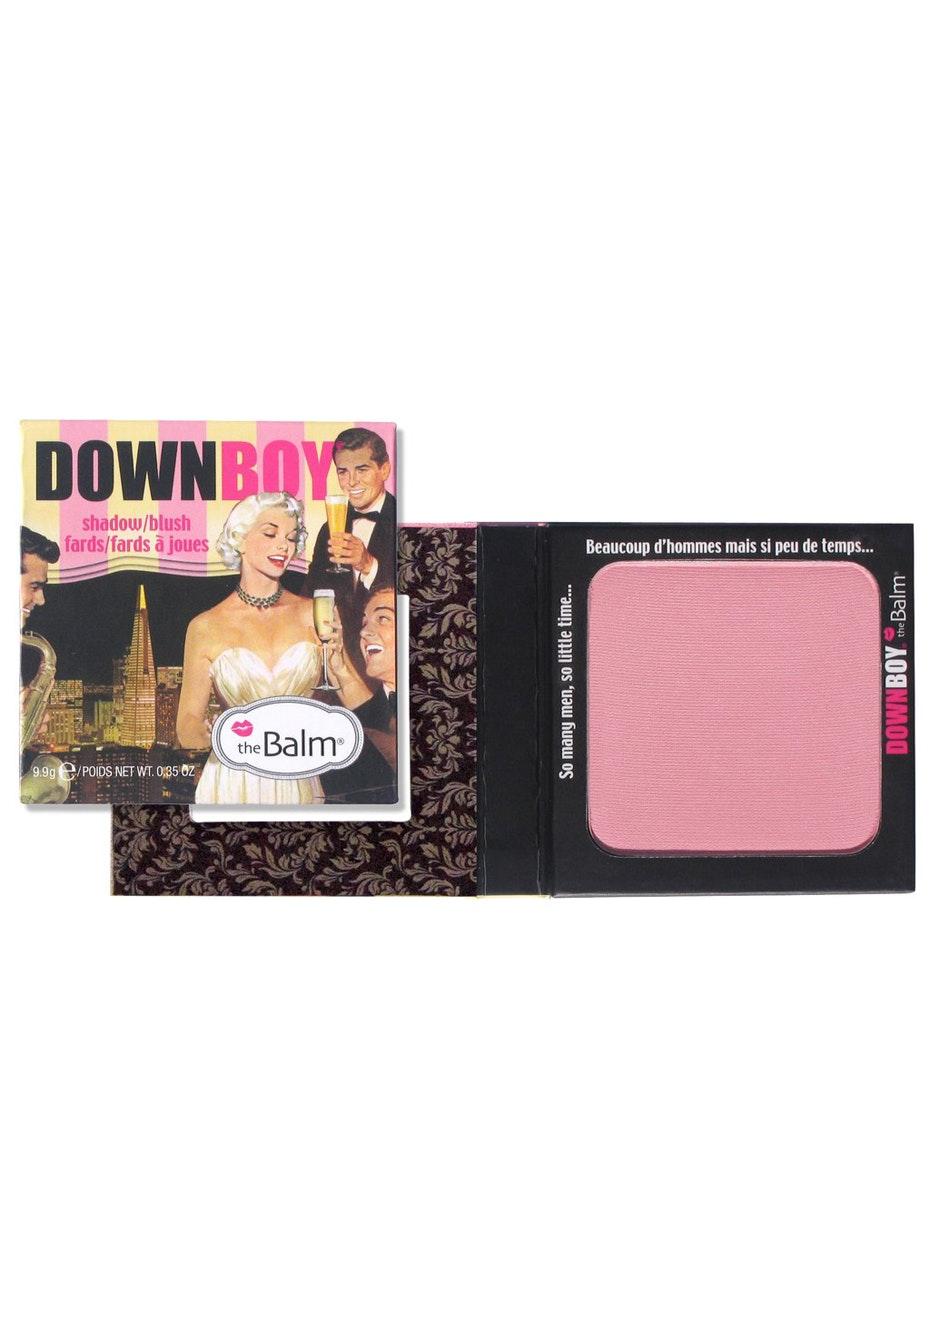 theBalm Downboy Shadow Blush